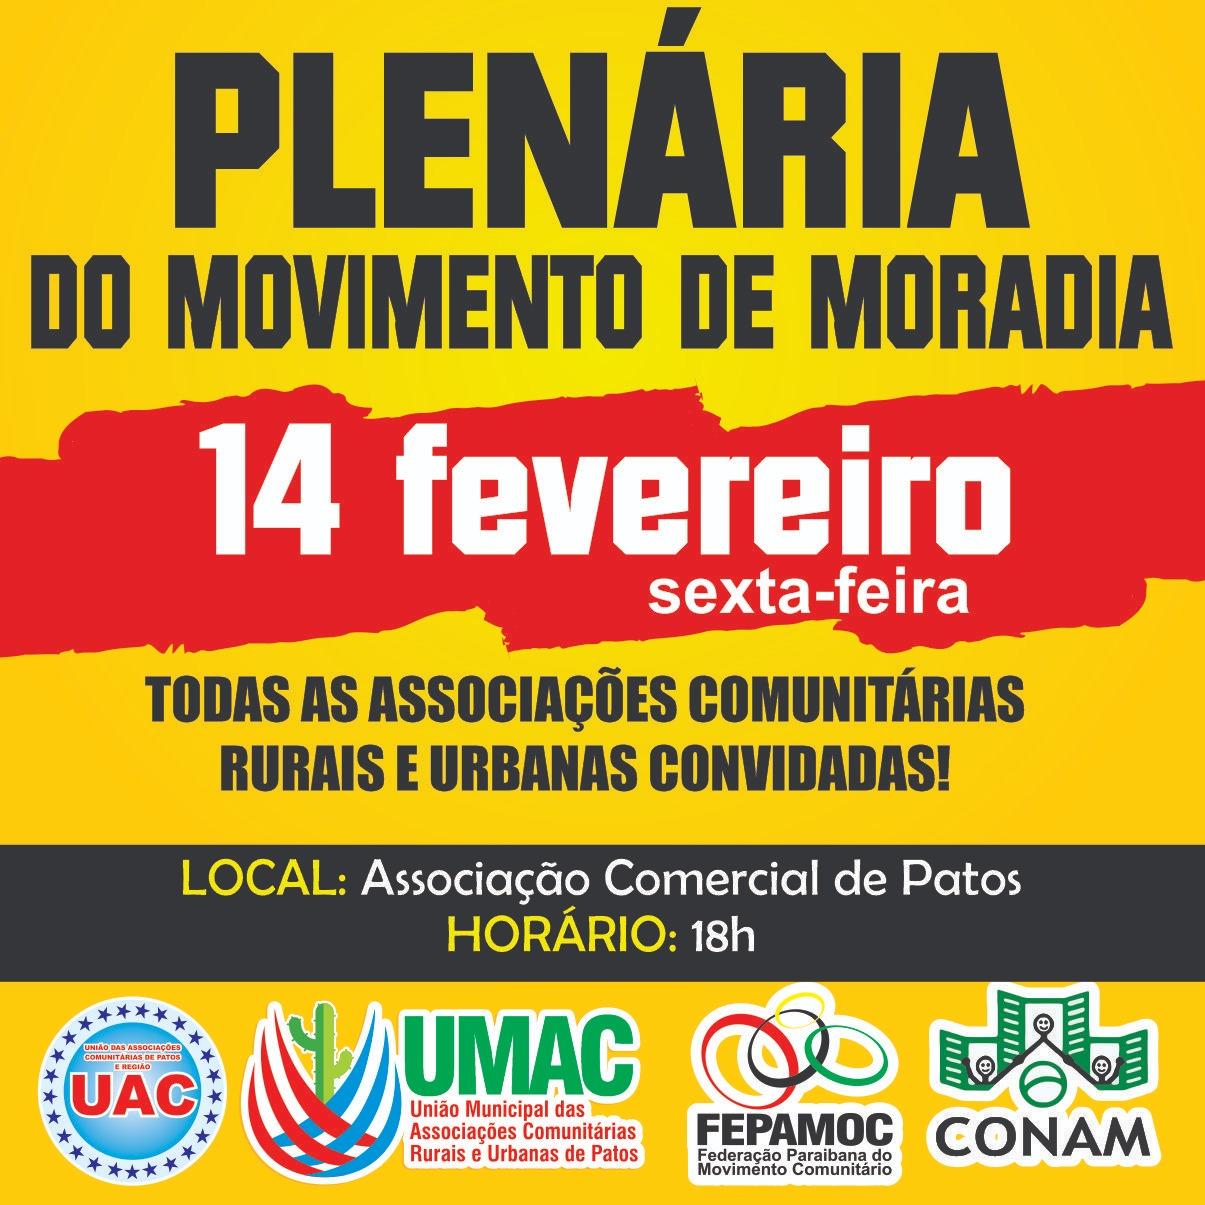 Entidades realizam Plenária do Movimento de Moradia em Patos